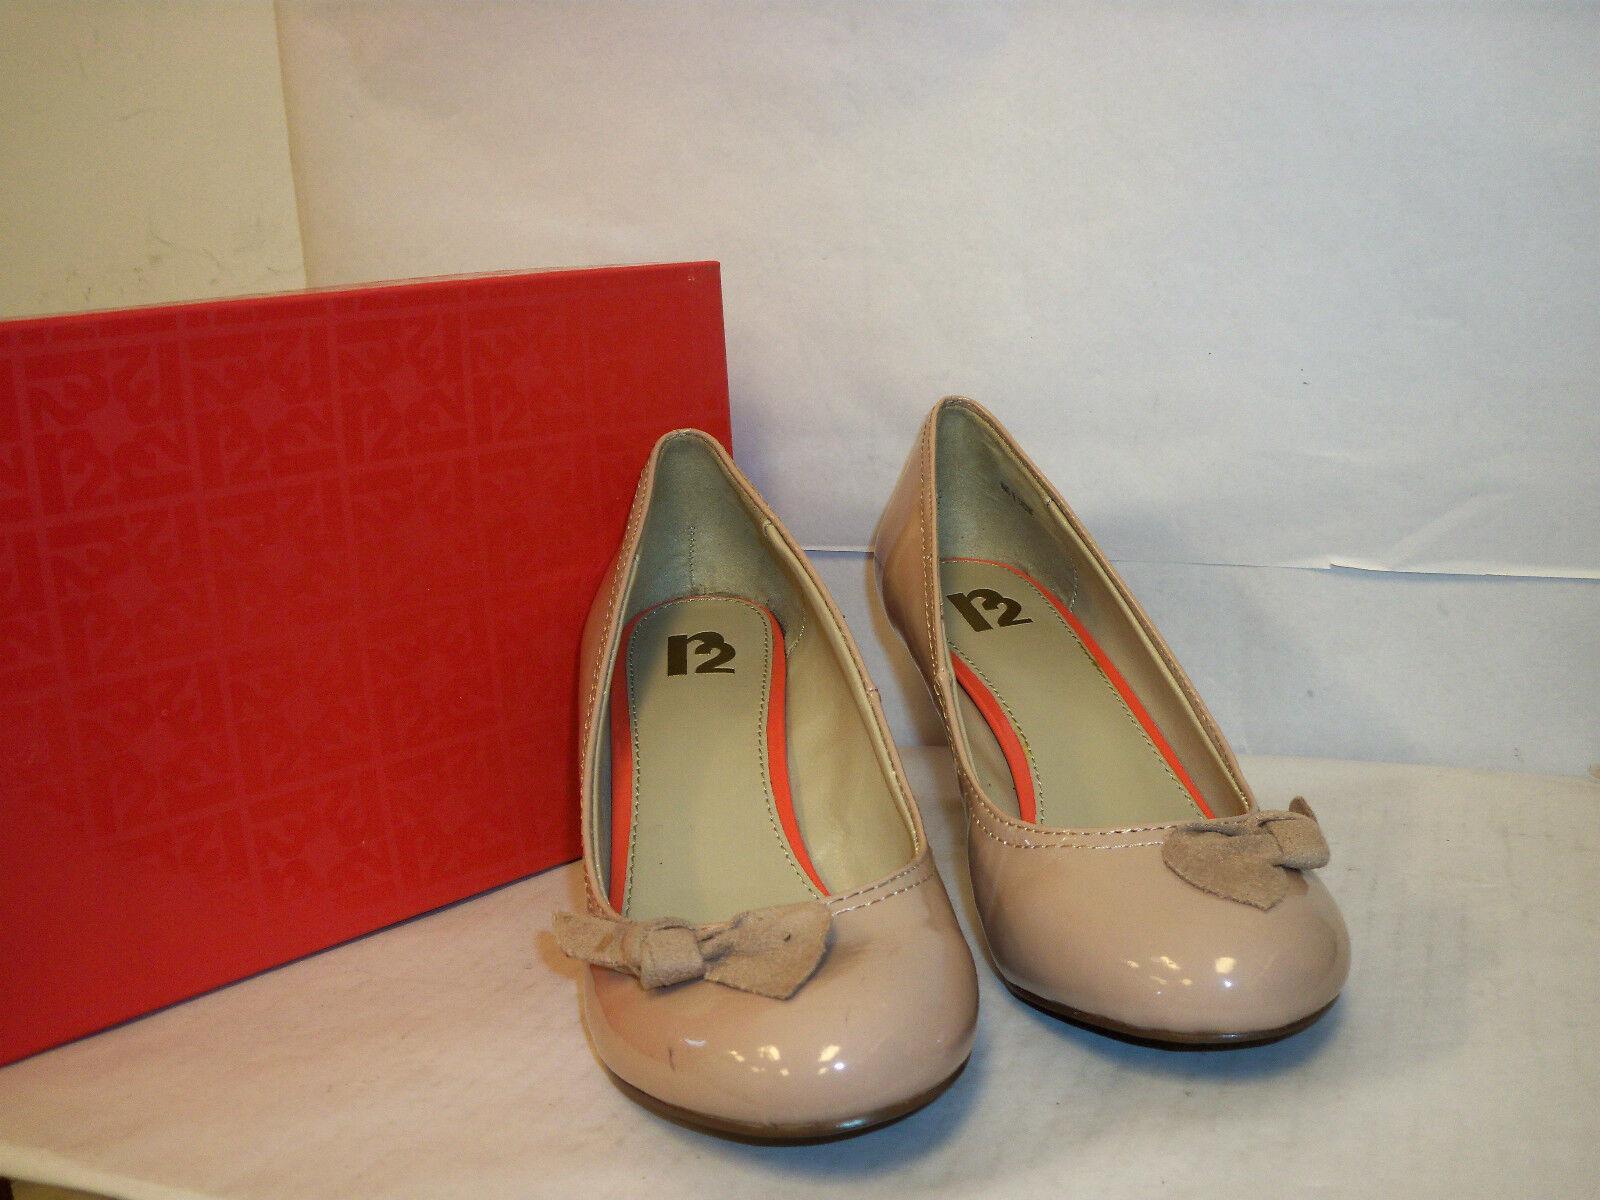 edizione limitata a caldo R2 Report Footwear New donna Castine Nude Heels Heels Heels Classic 8 scarpe  seleziona tra le nuove marche come